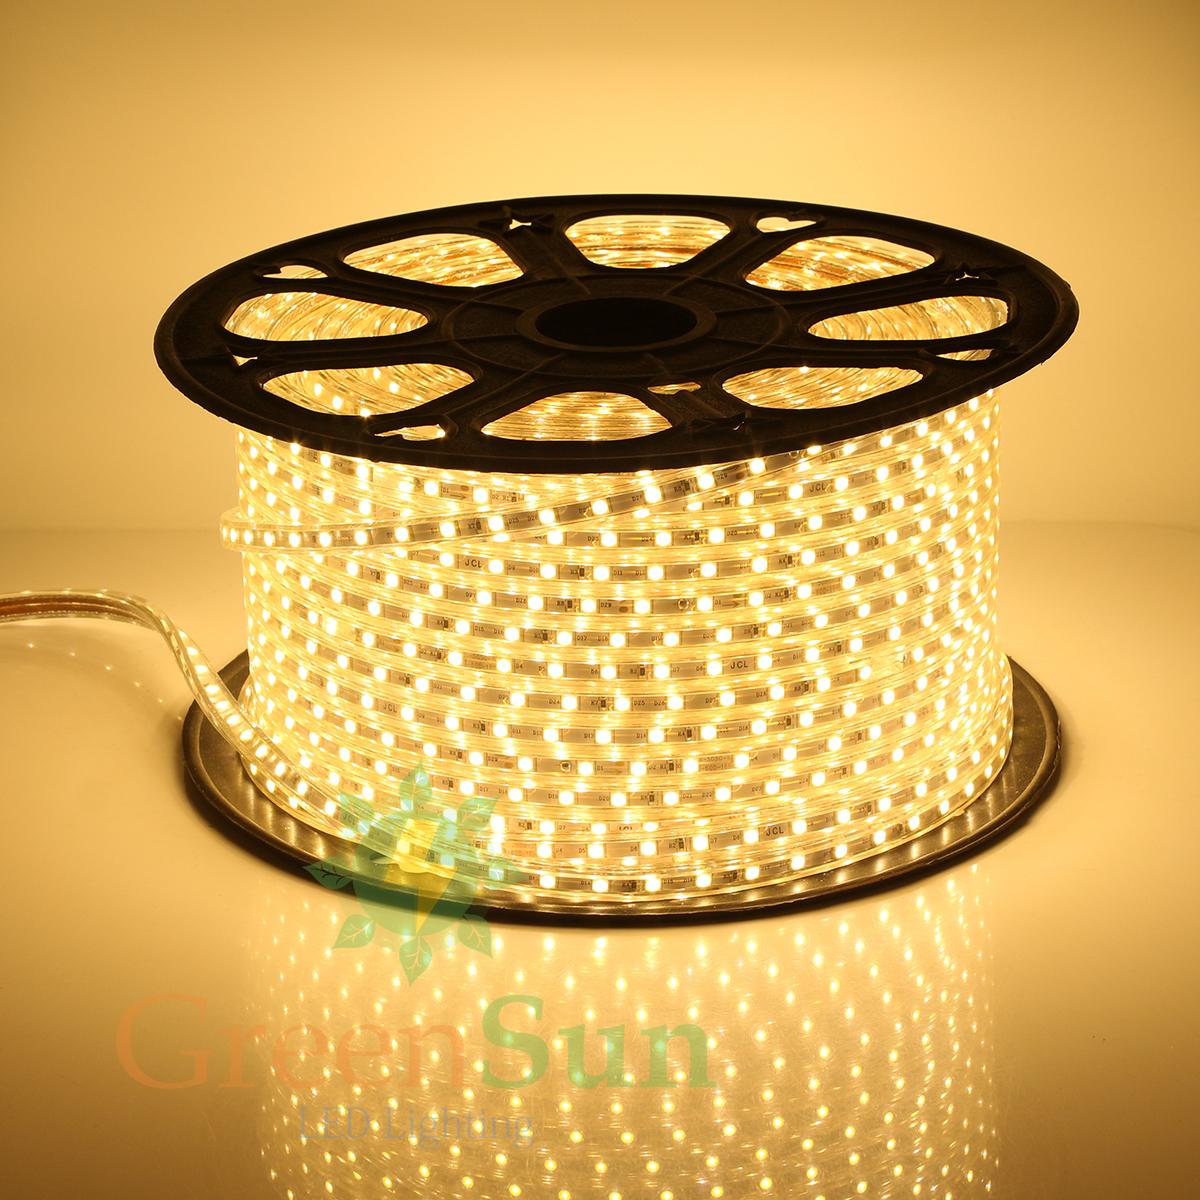 20m 30m 50m 100m 5050 smd led ribbon strip rope light indoor outdoor xm. Black Bedroom Furniture Sets. Home Design Ideas